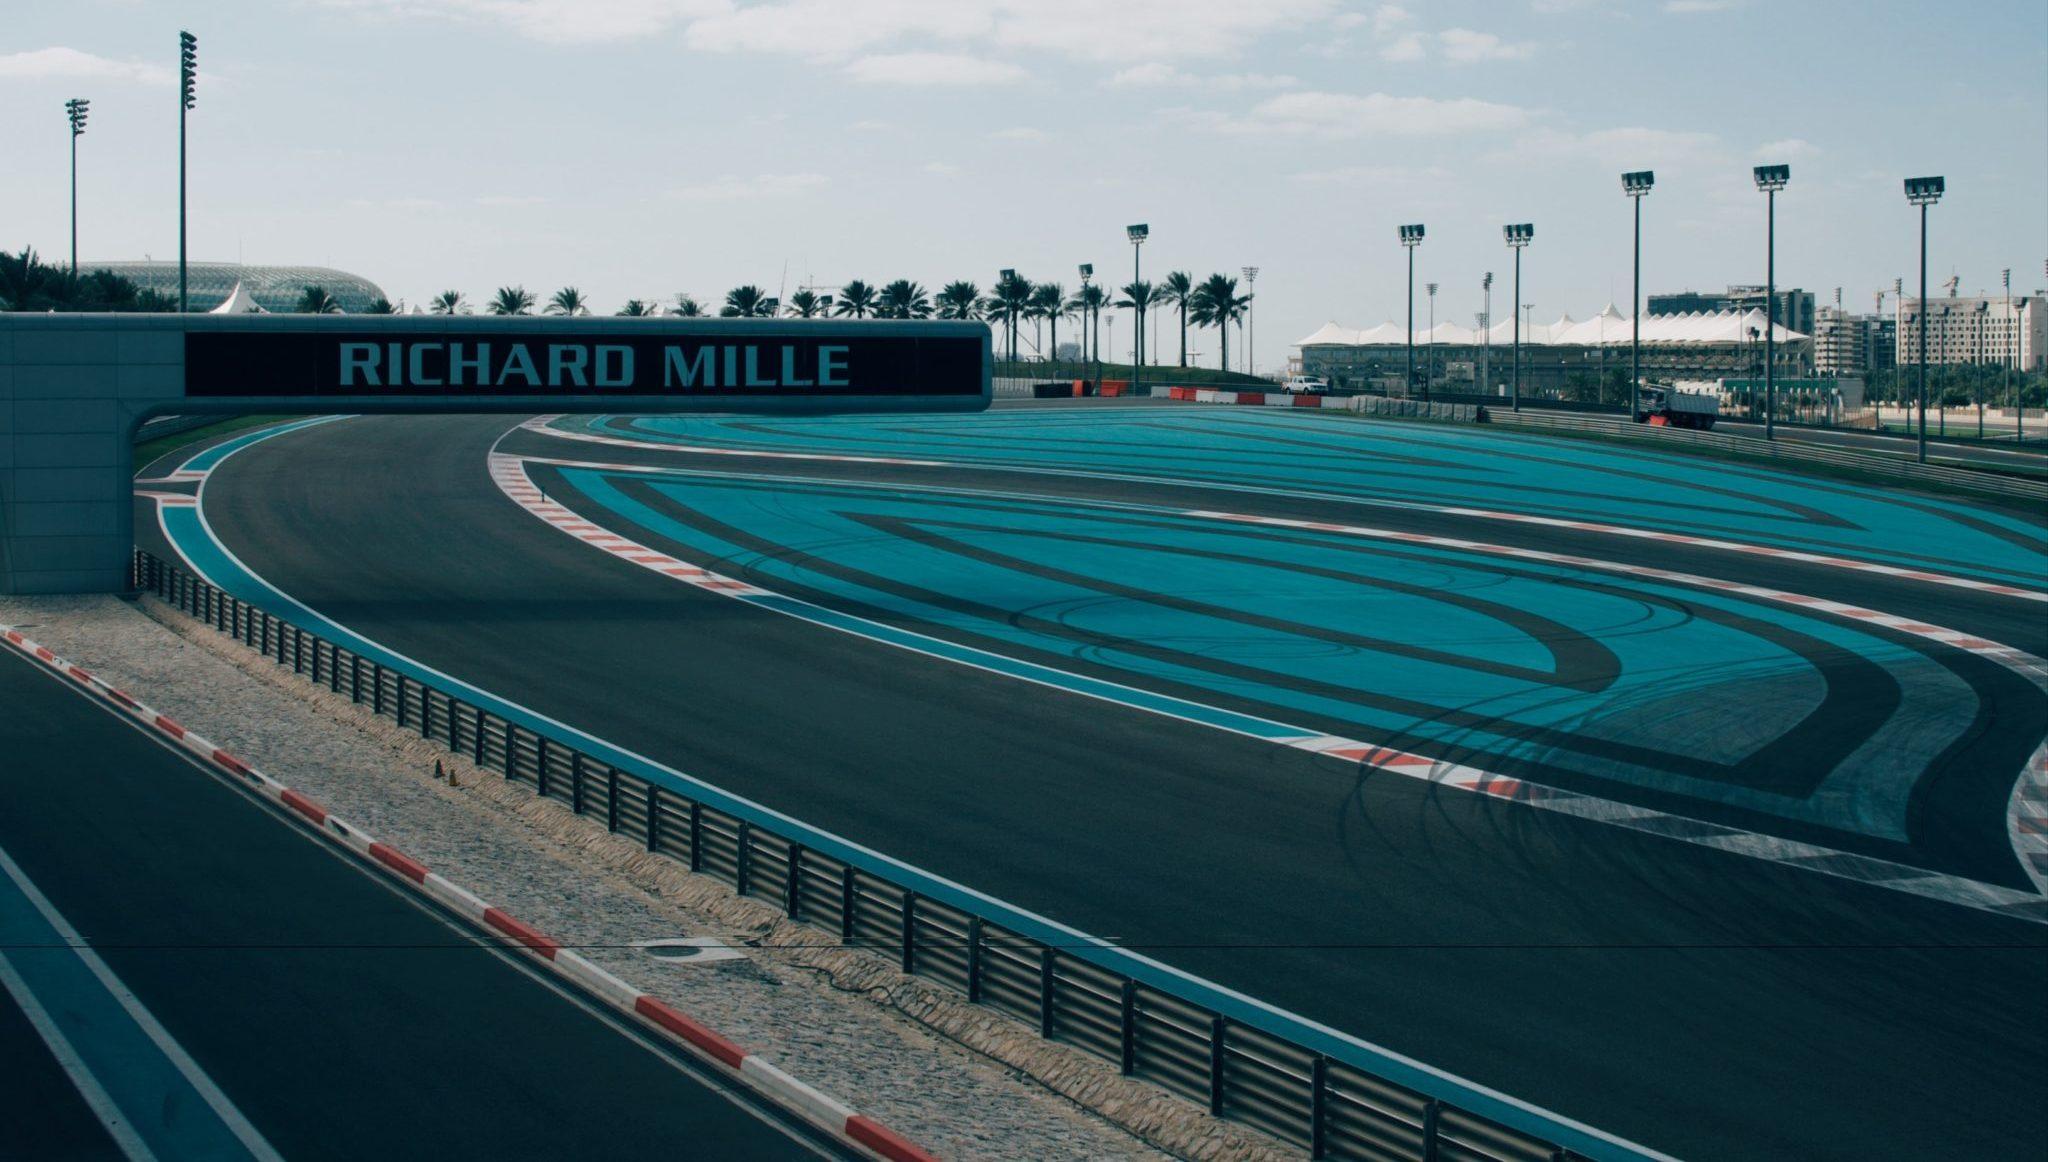 Yas Marina Circuit